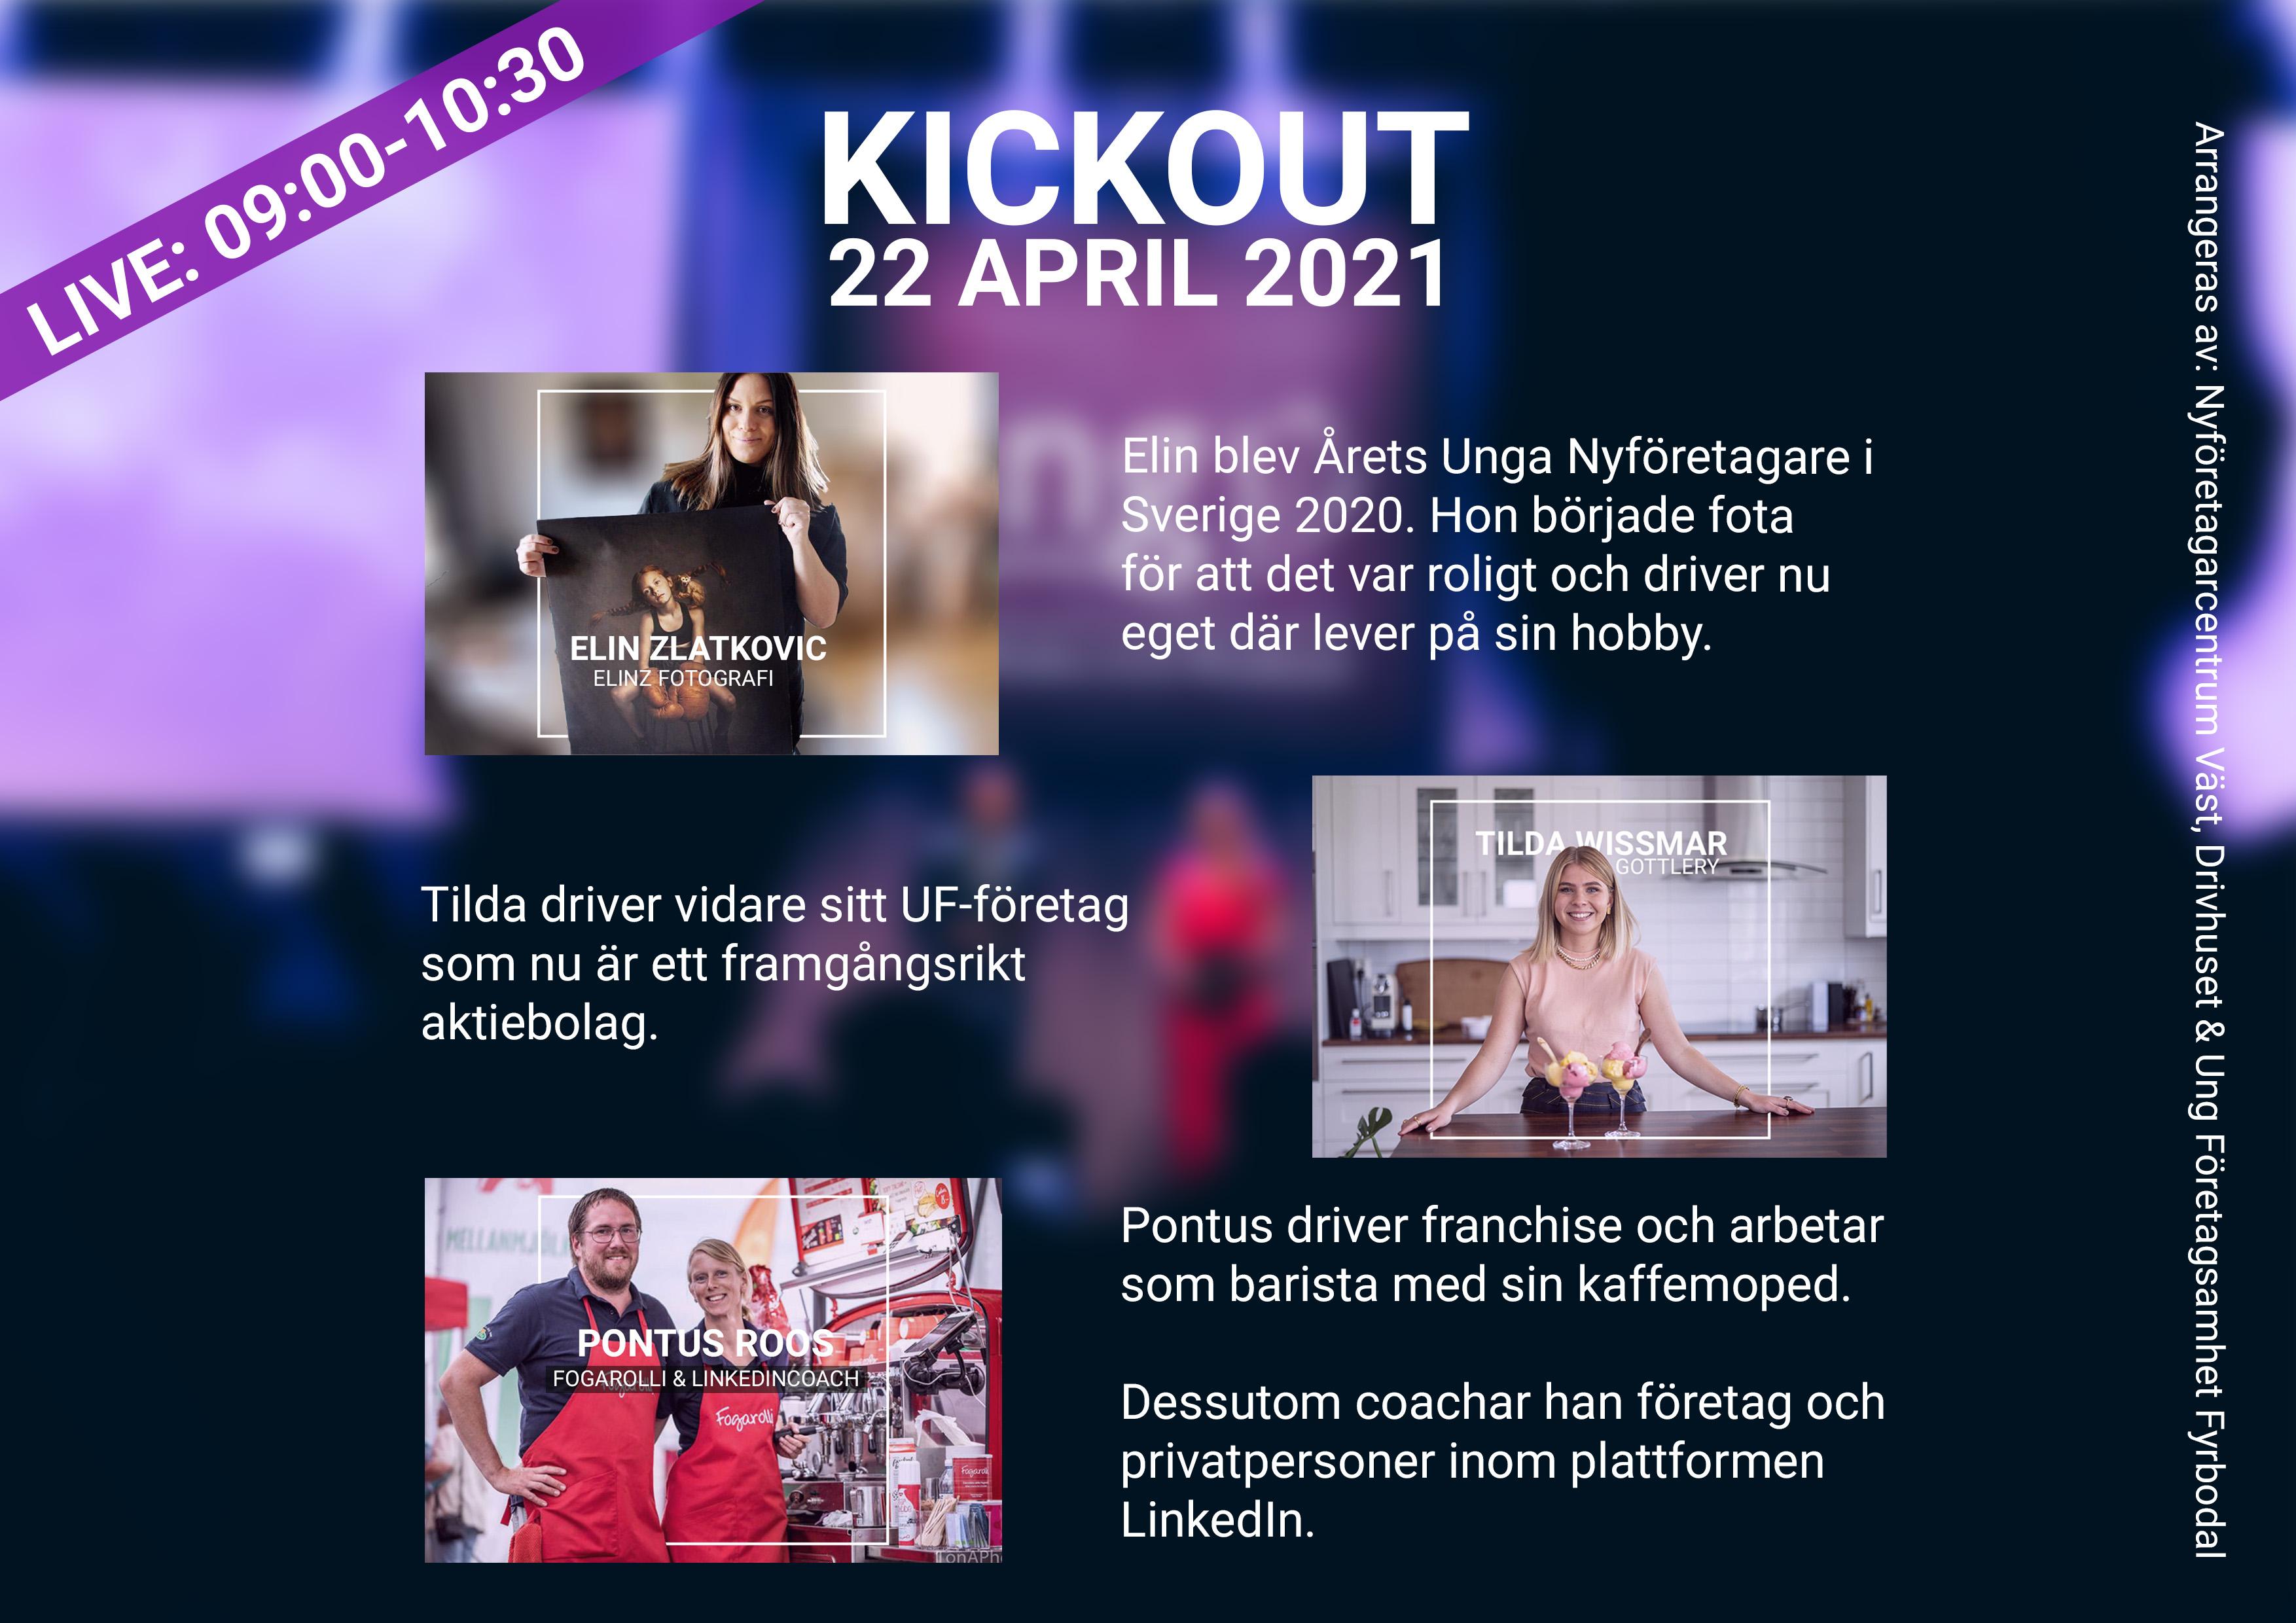 Kickout 2021